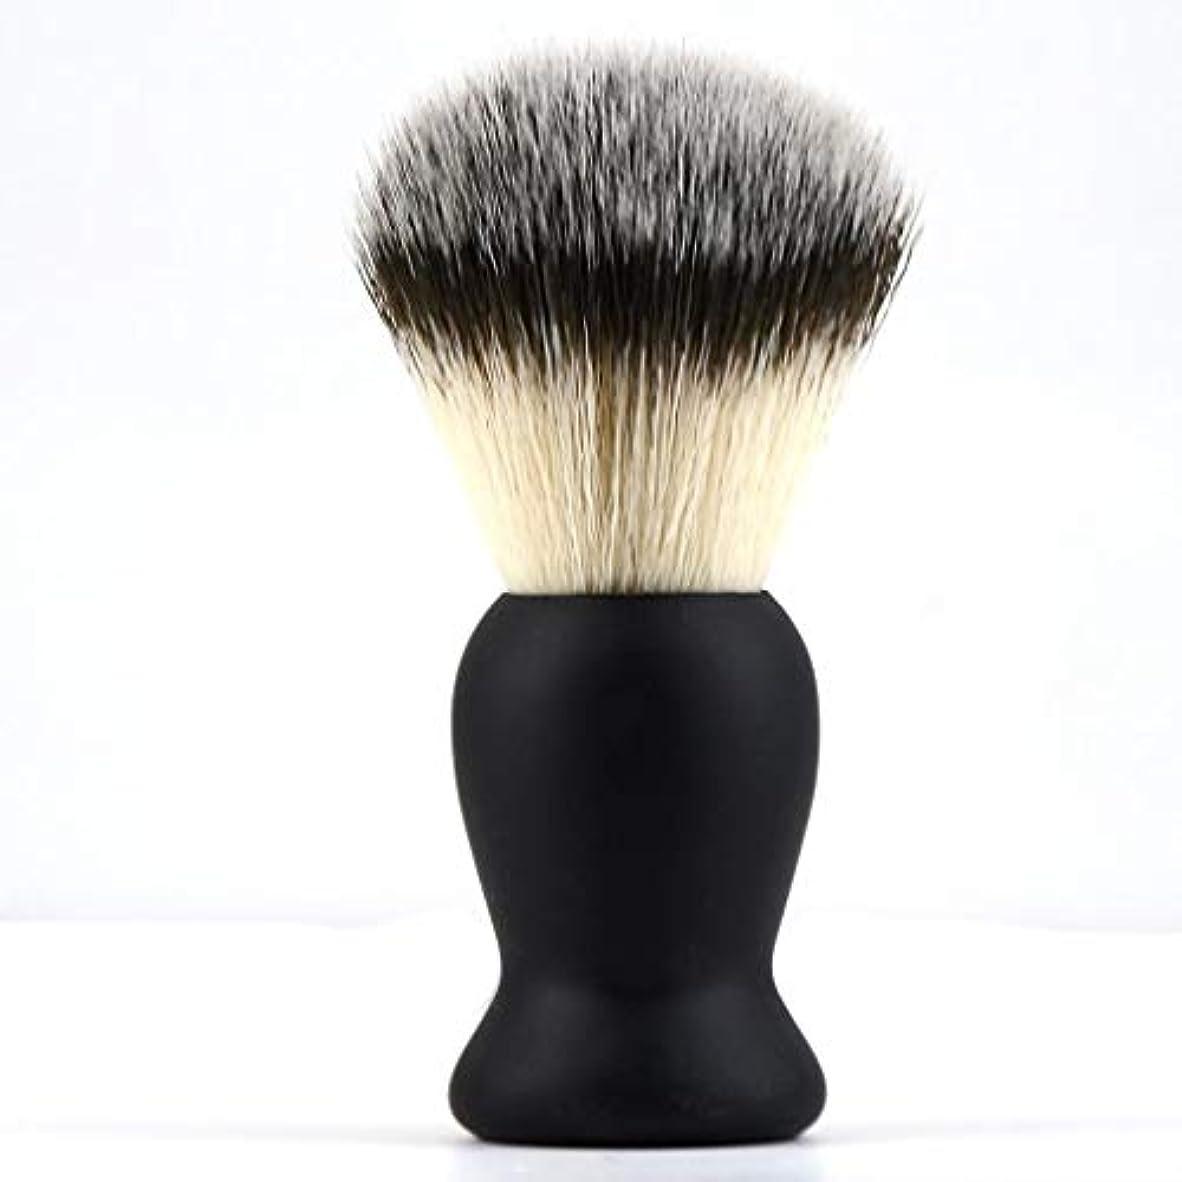 緩める告白する幾何学Hellery 髭剃り ブラシ シェービングブラシ ひげブラシ サロン ナイロン毛 柔らかい ひげ剃り 理容 便携